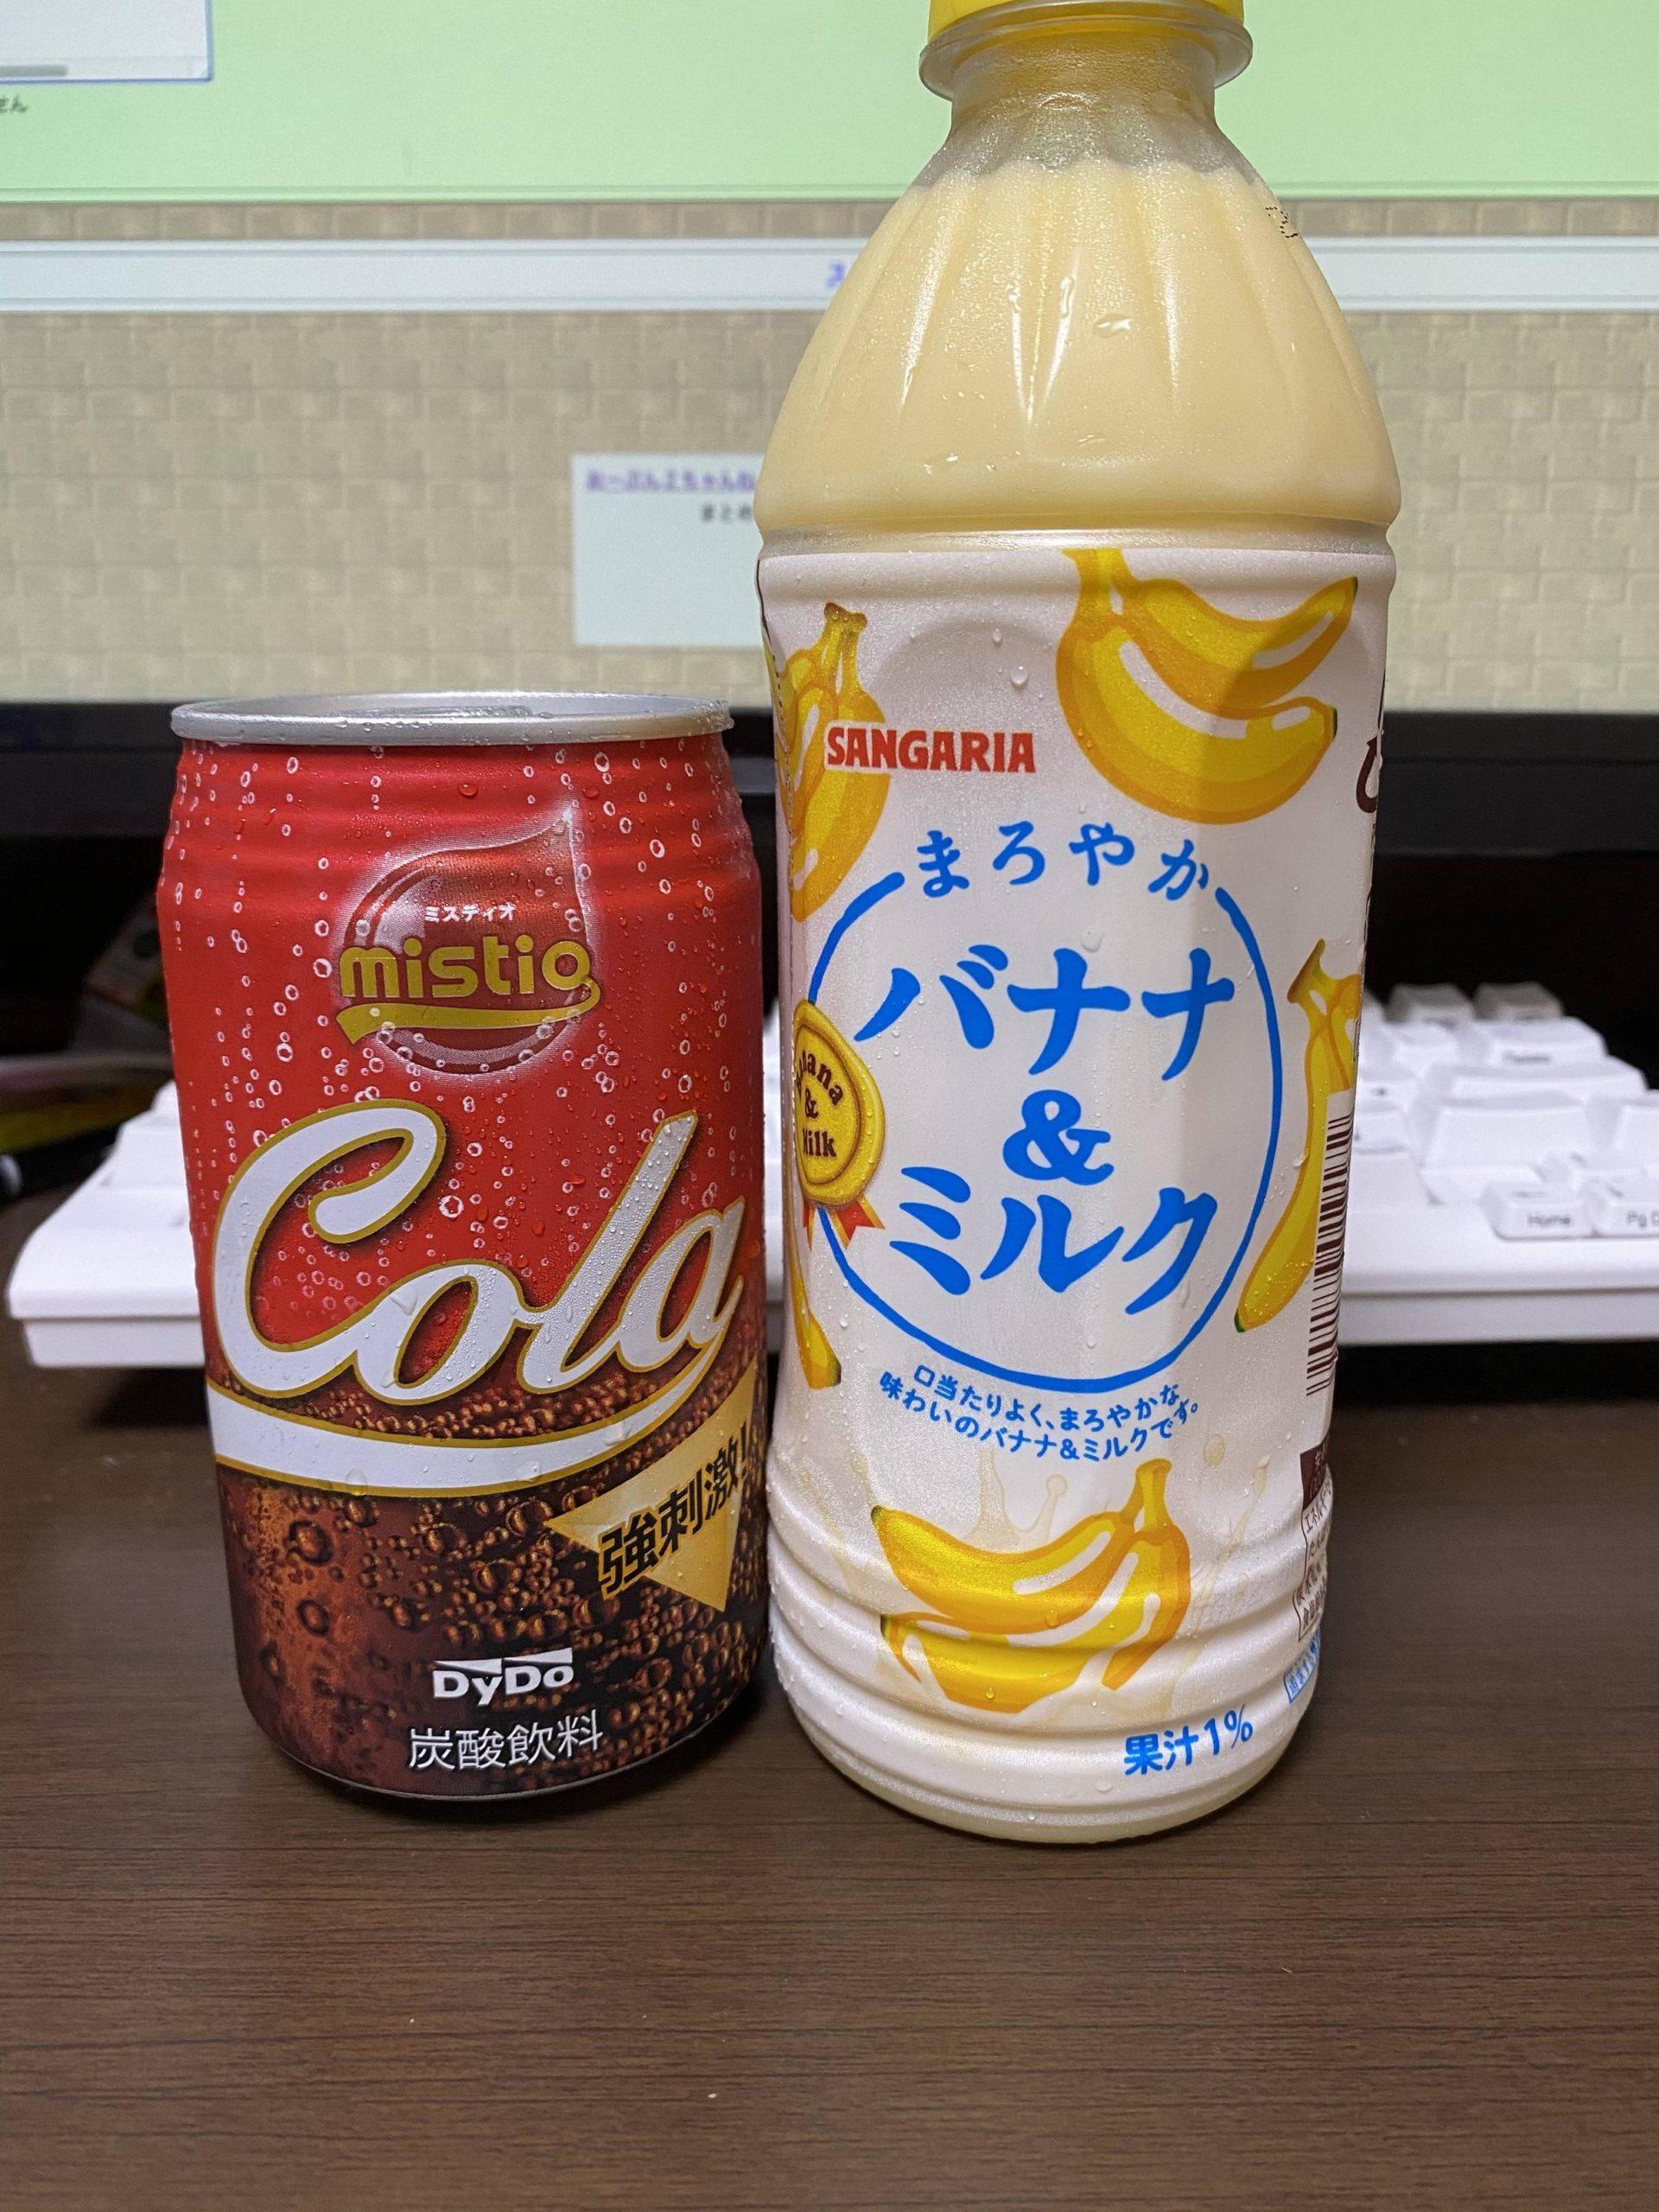 【画像】バナナミルクコーラ作るンゴ